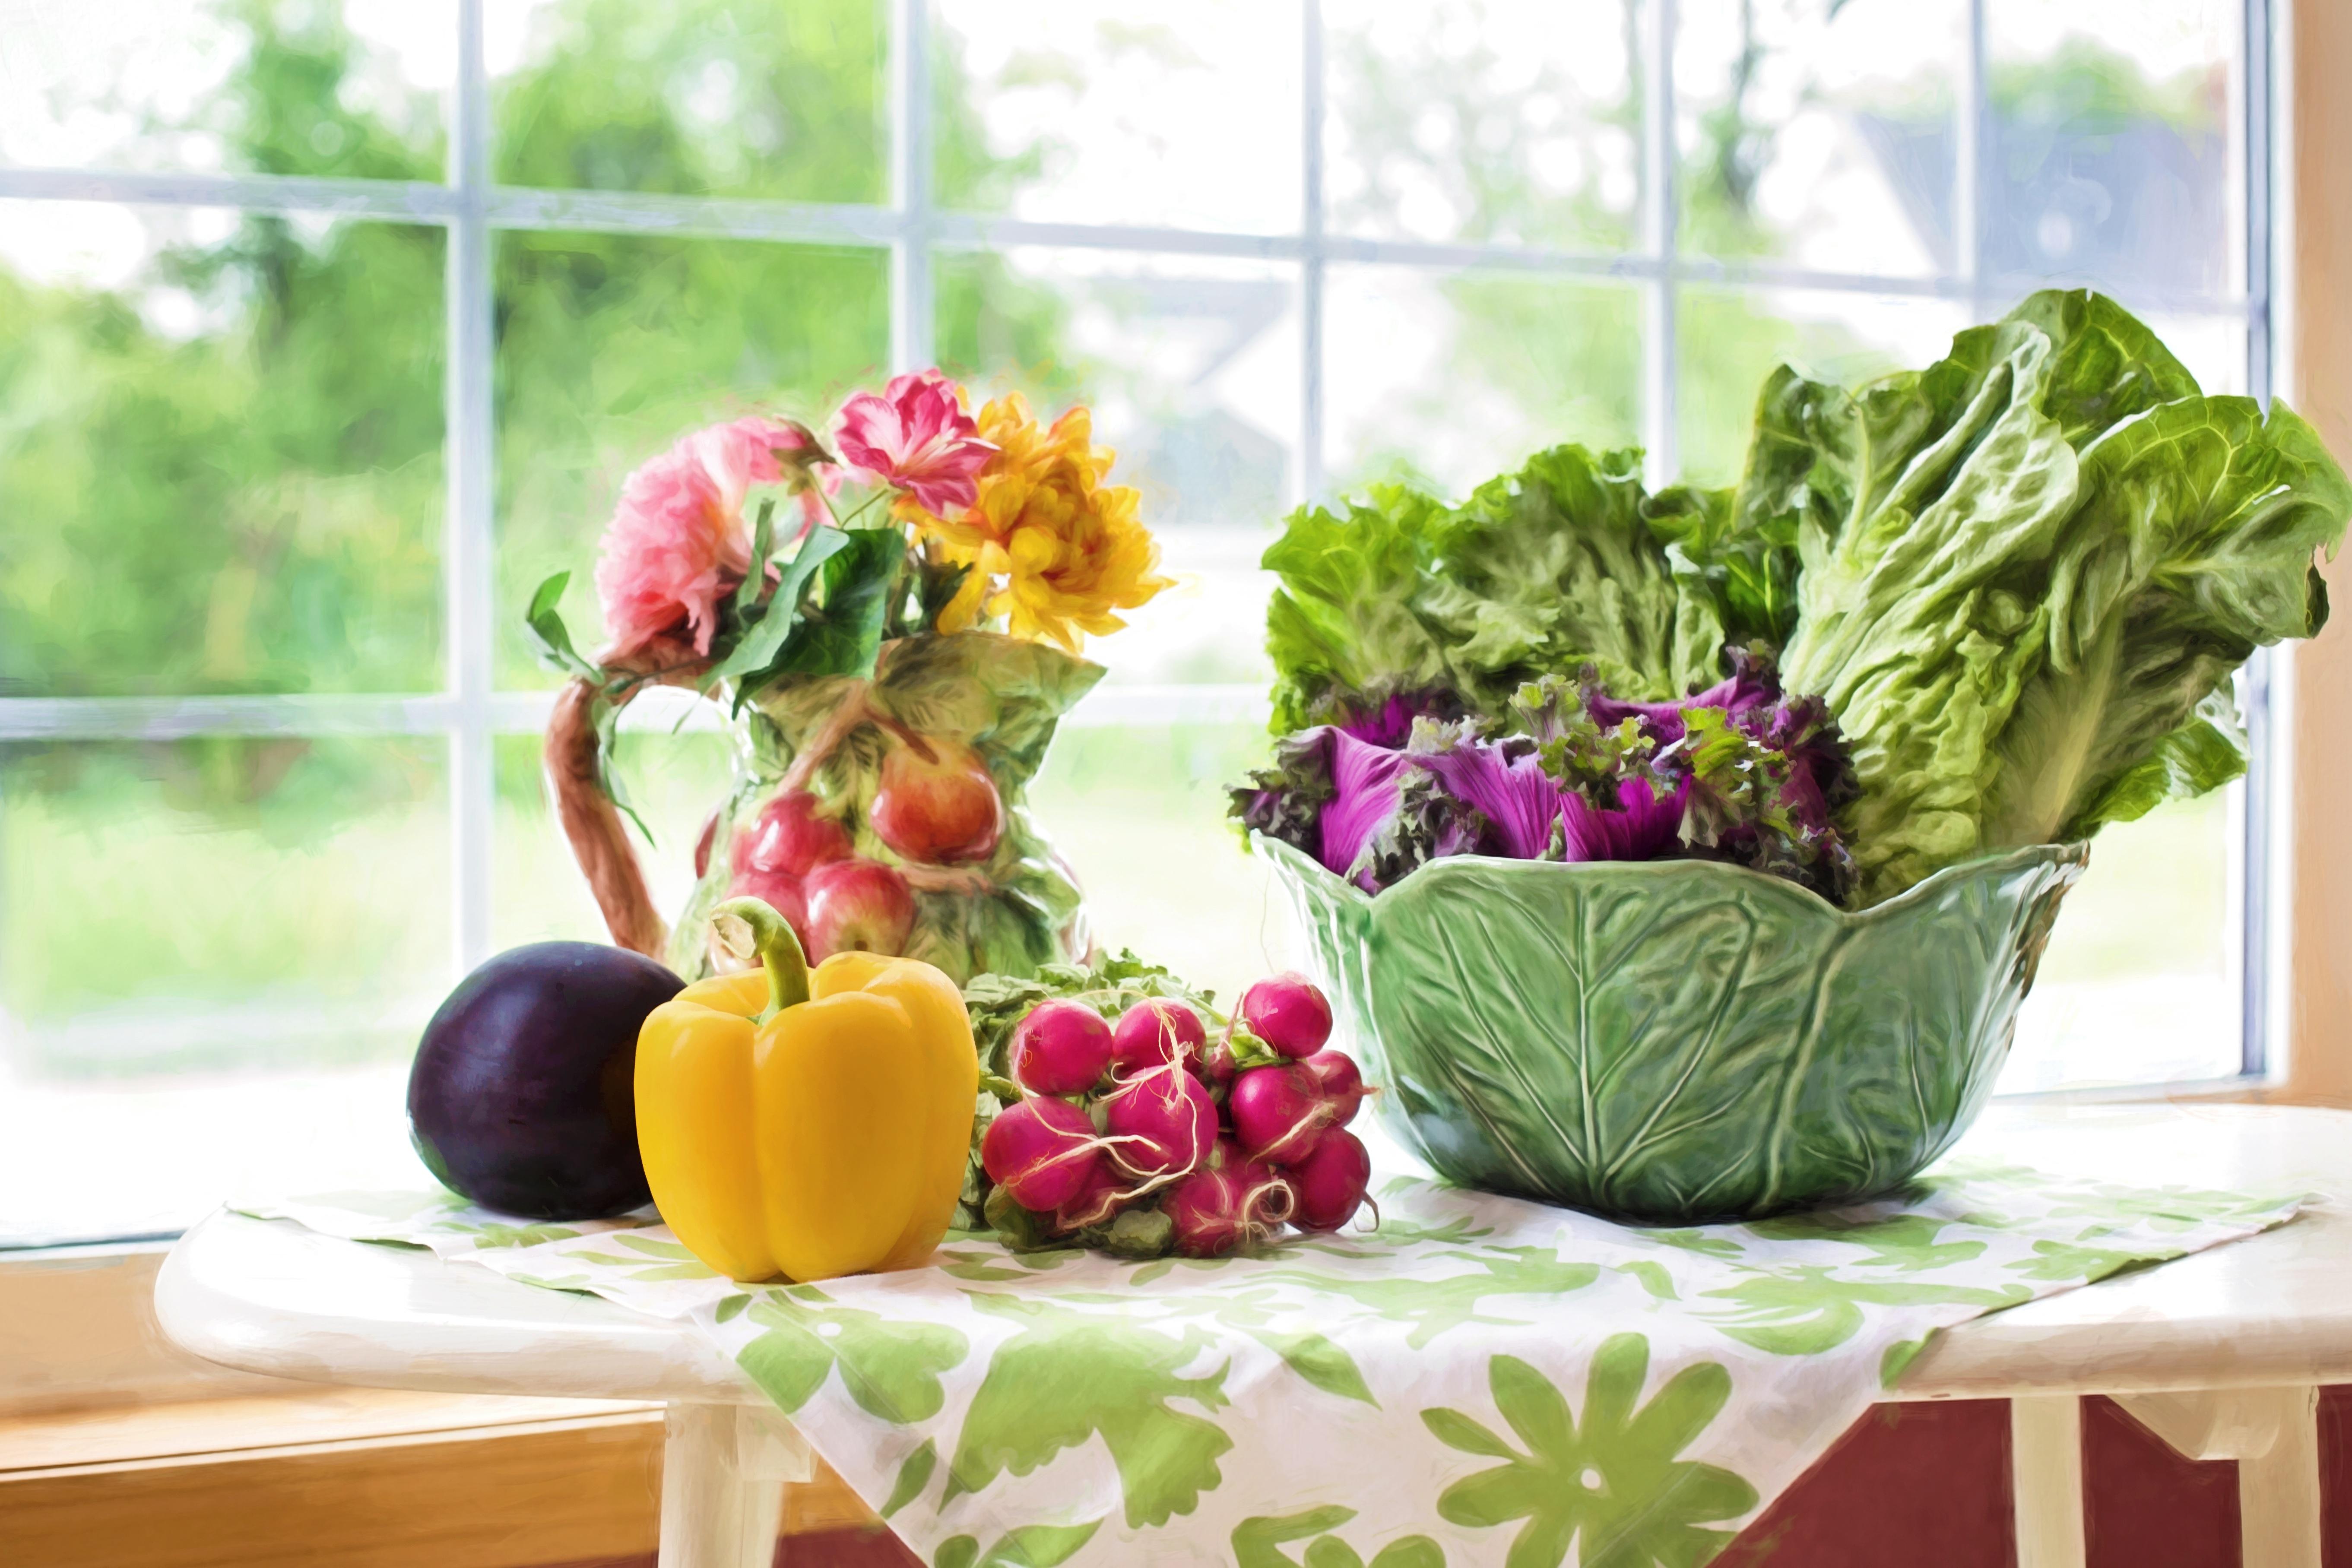 Voldoende groenten per dag is belangrijk voor een gezond leven